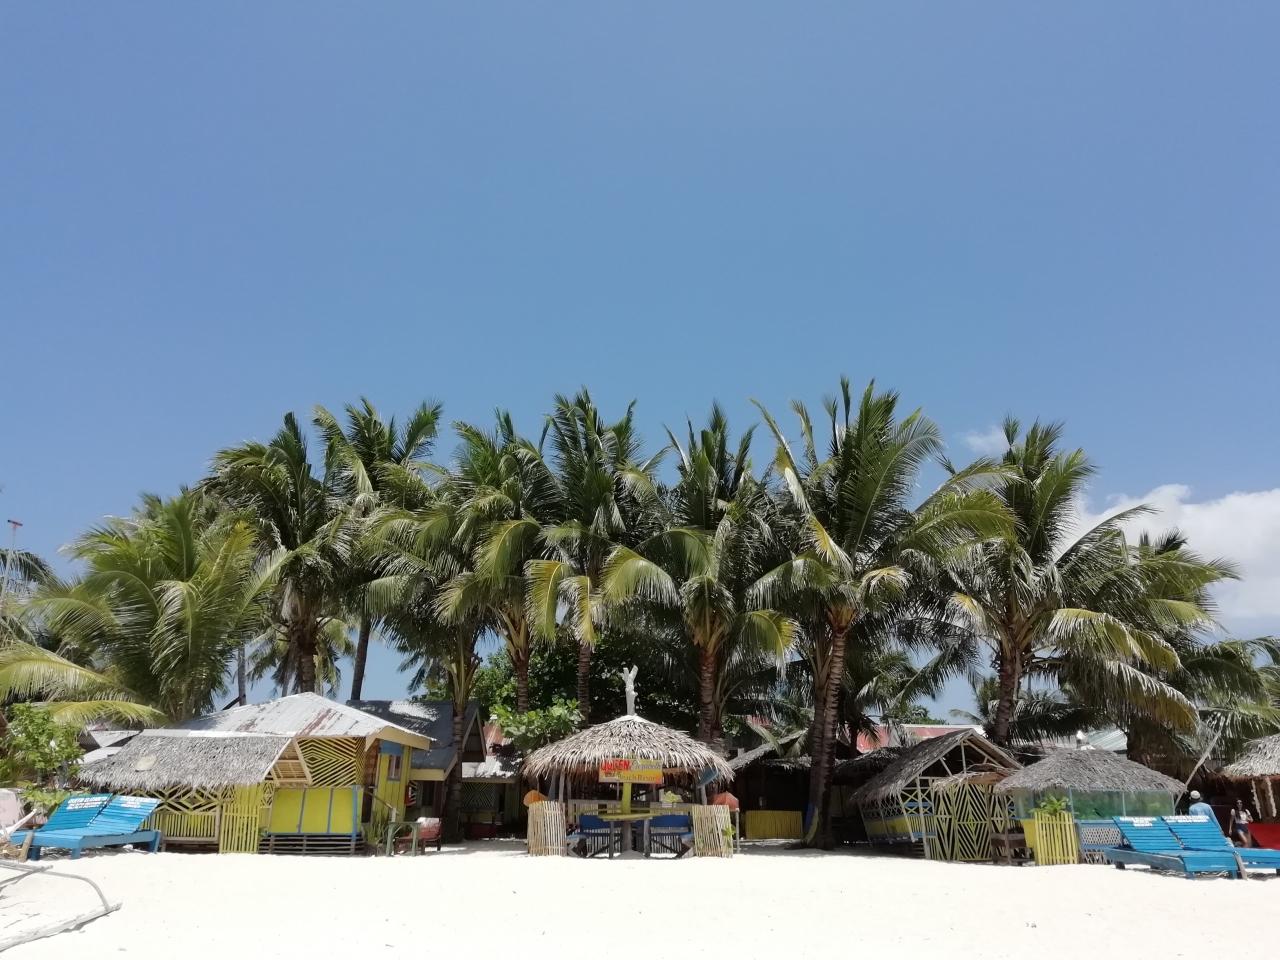 fdd26fab3ba7 『子ども4人とフィリピンの離島へ! まったりバックパッカー旅②』セブ島(フィリピン)の旅行記・ブログ by koikutoharuさん【フォートラベル】